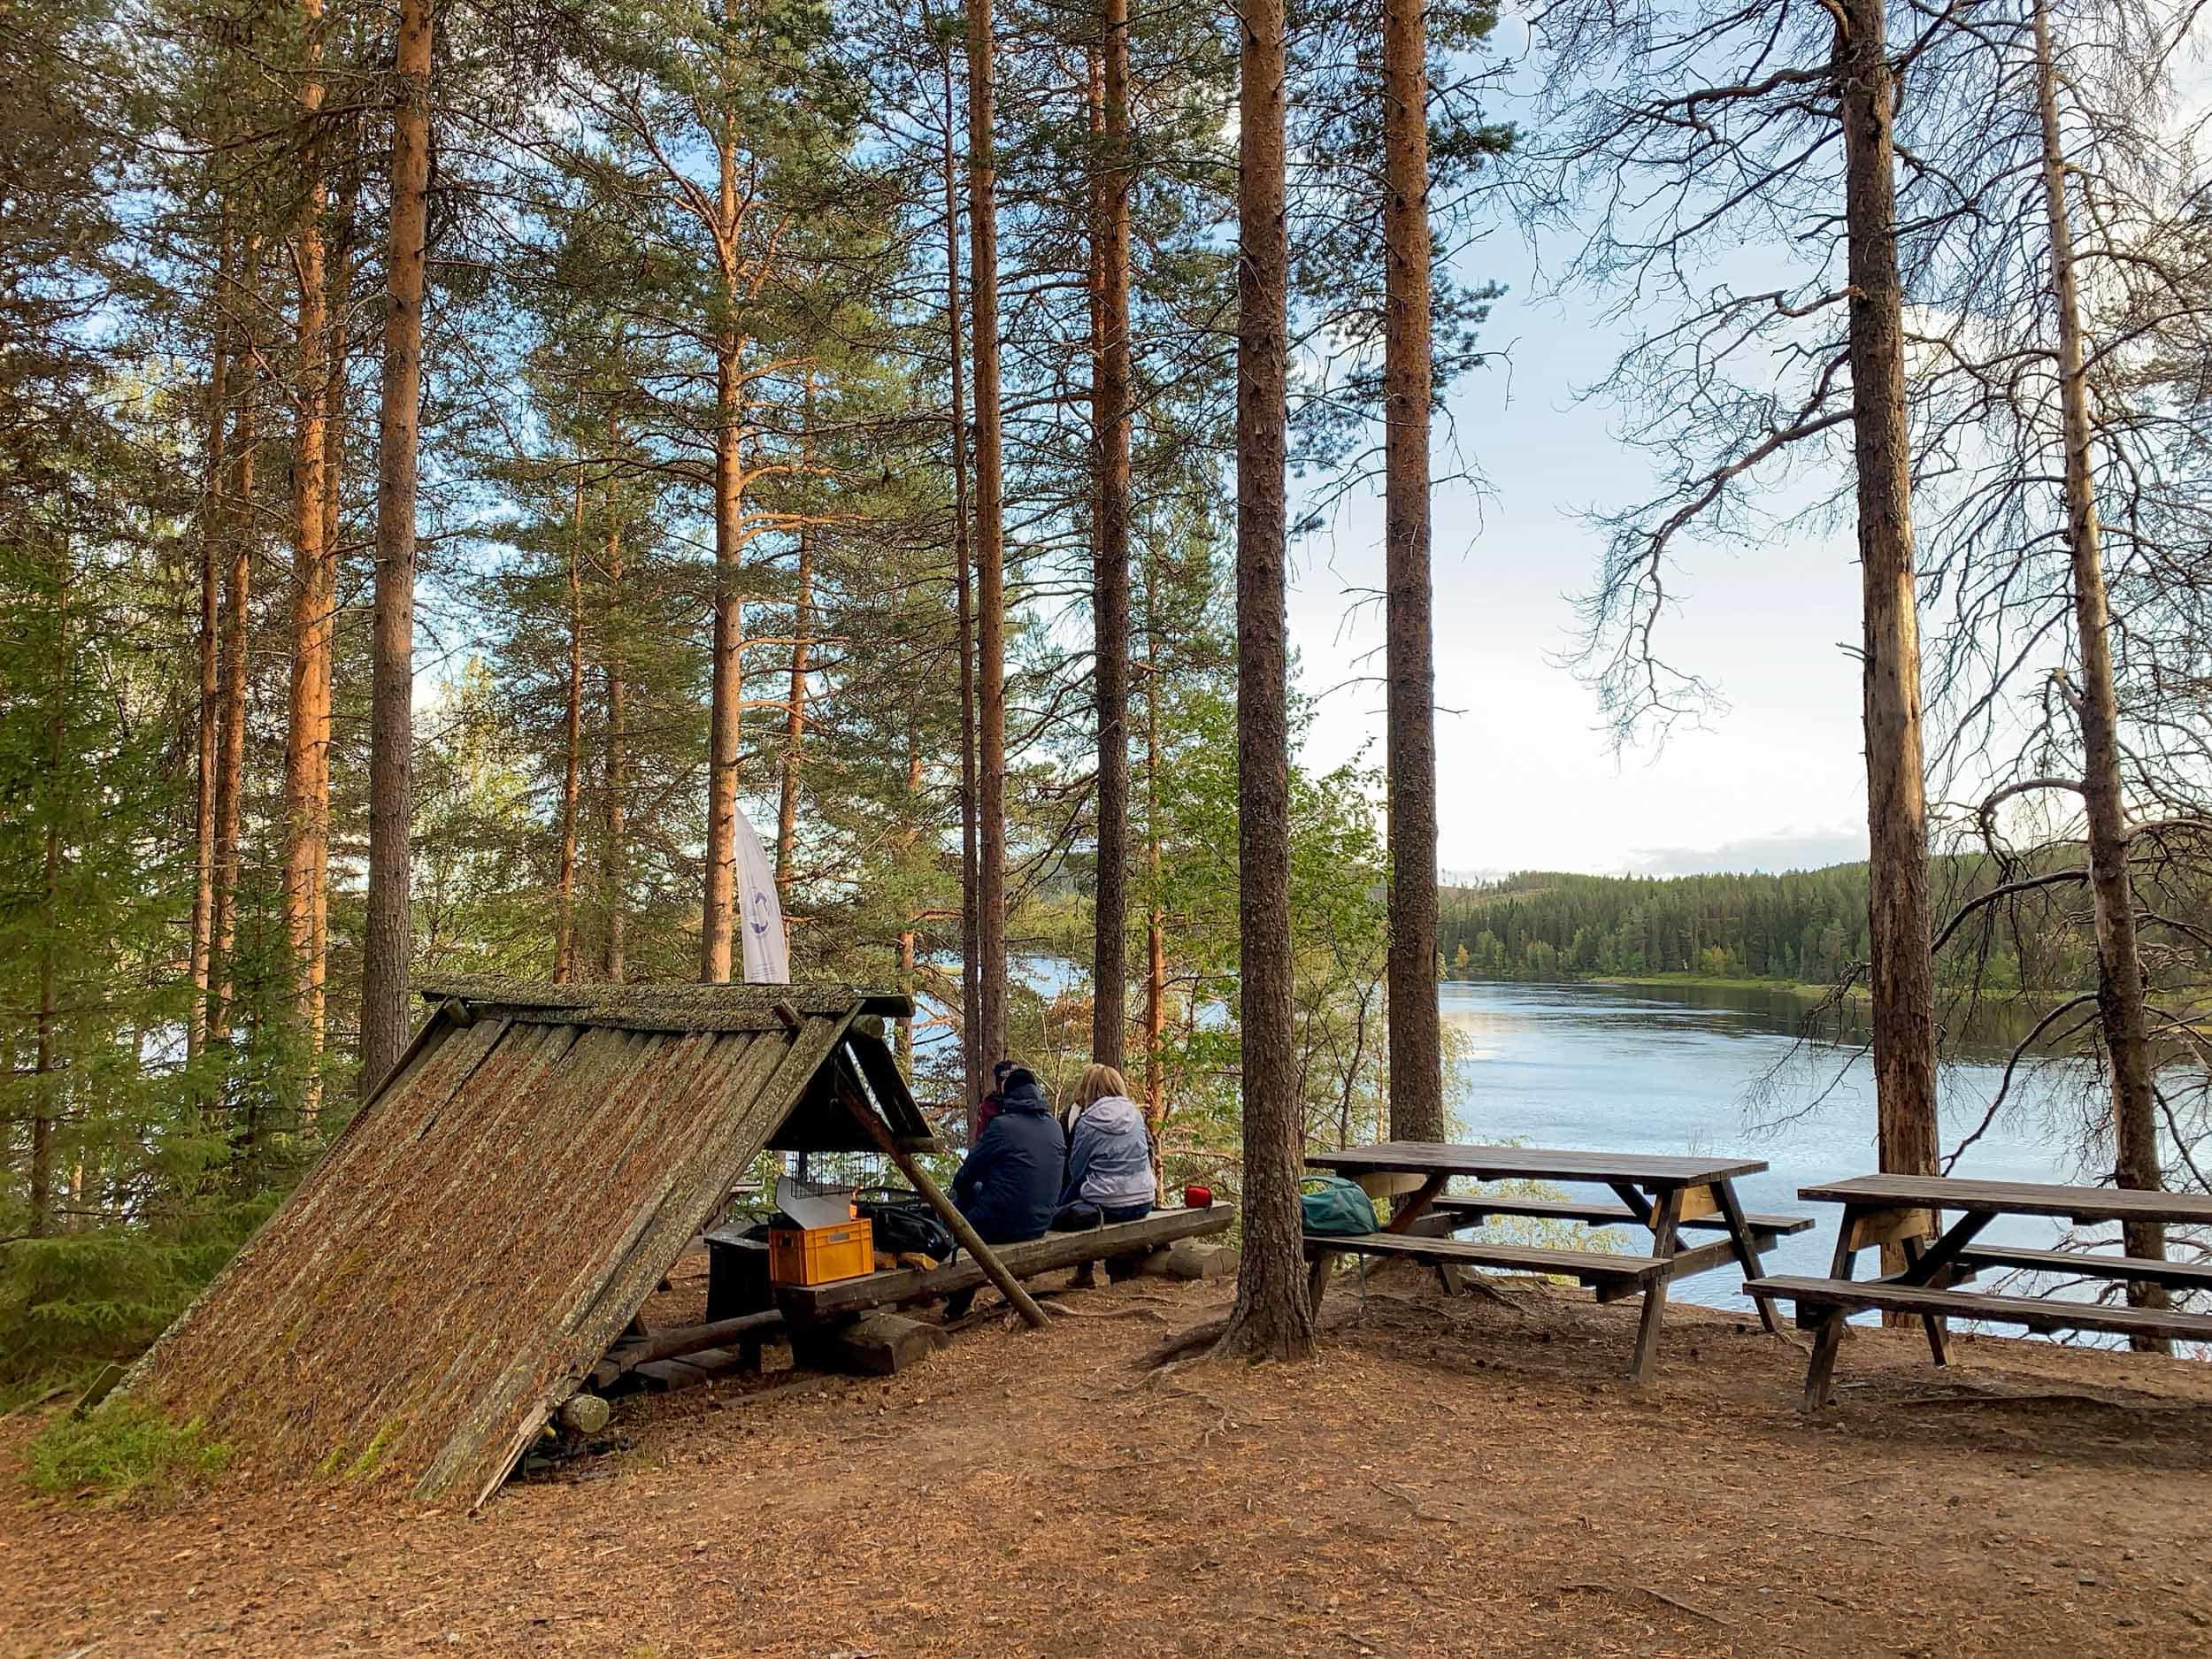 Forsknäckarna wilderness camp